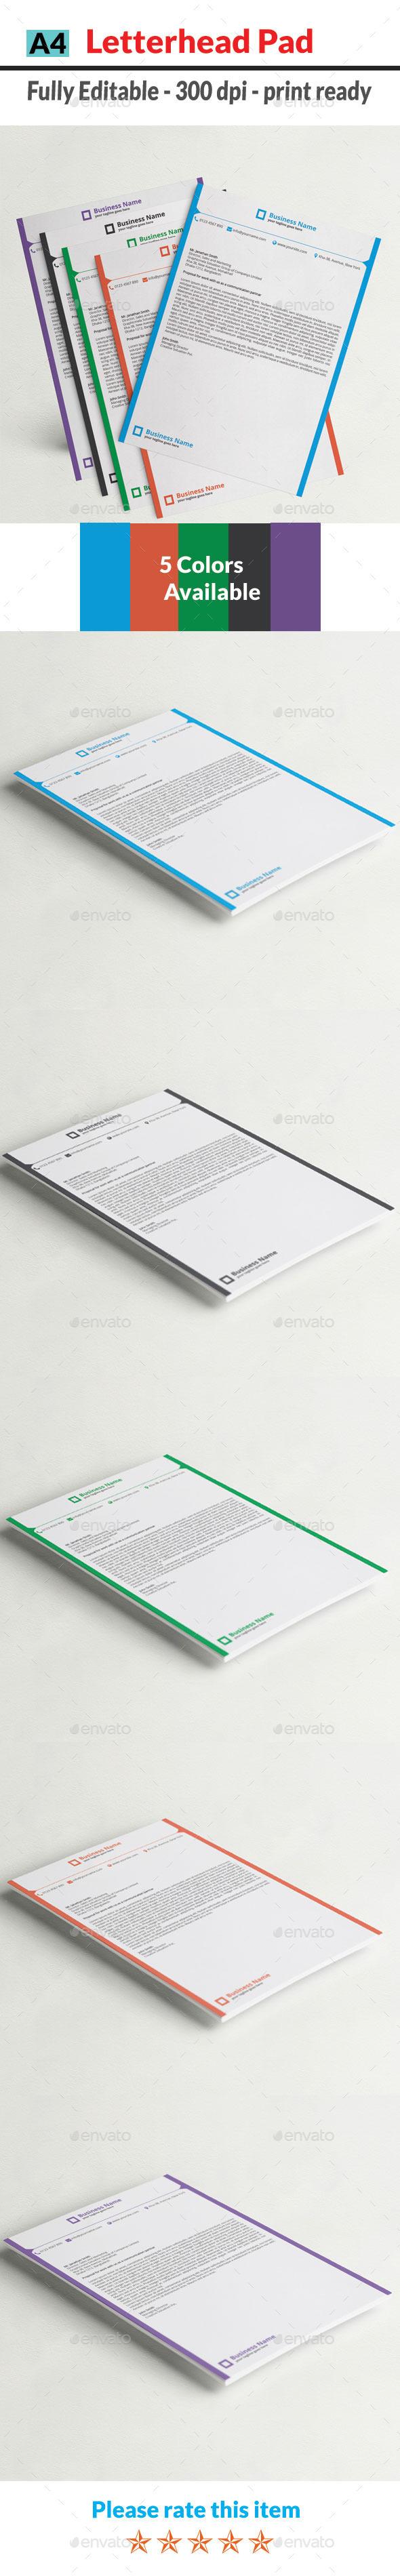 GraphicRiver Letterhead Pad 11800654